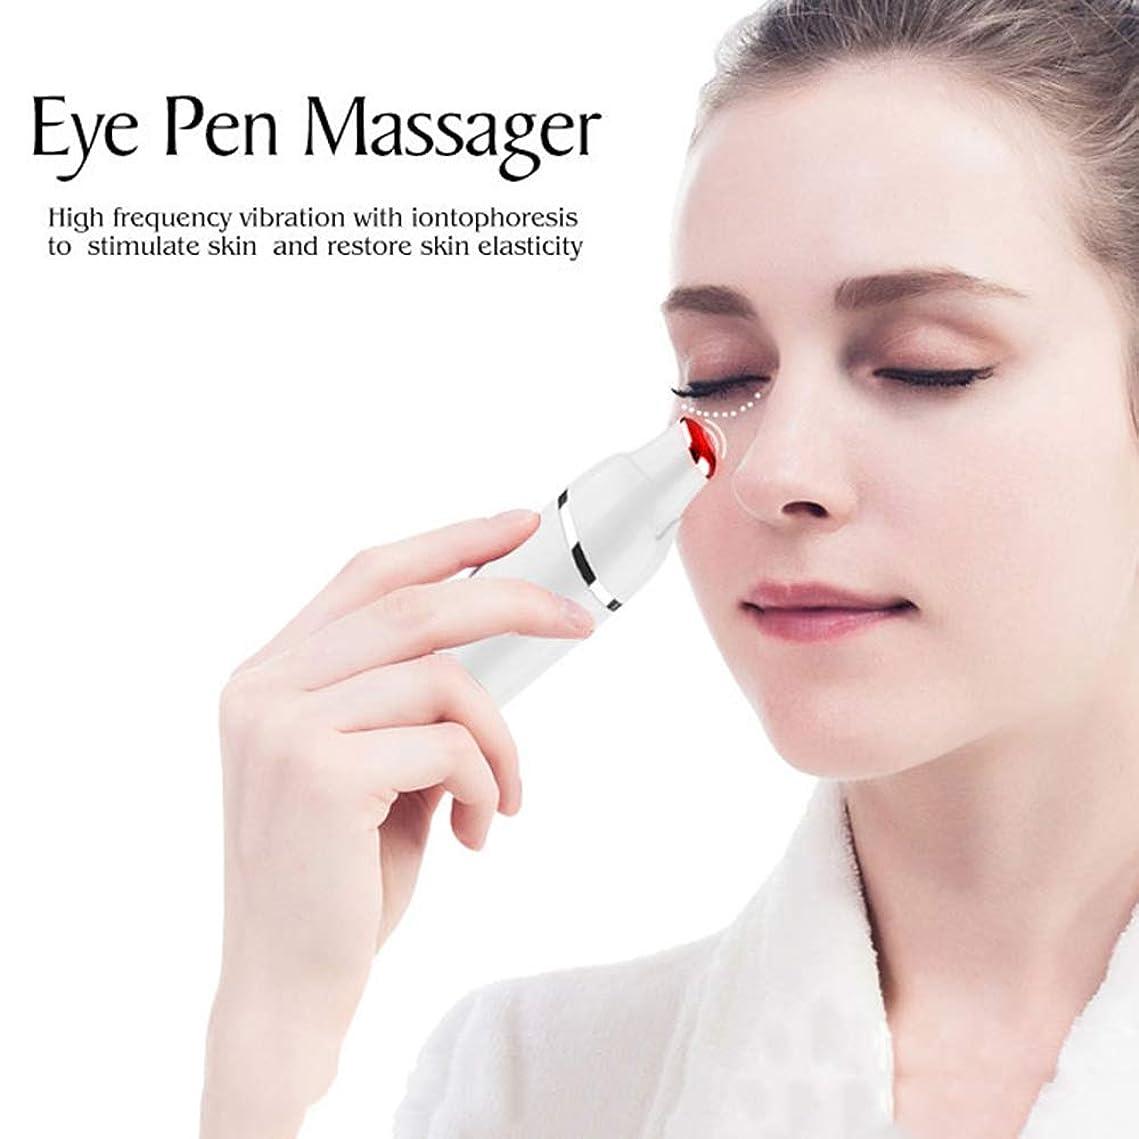 長さ検索エンジンマーケティング滝ソニックアイマッサージャー、目の疲れのための42℃加熱治療用ワンド、アイクリームを効果的に促進するためのアニオンの輸入